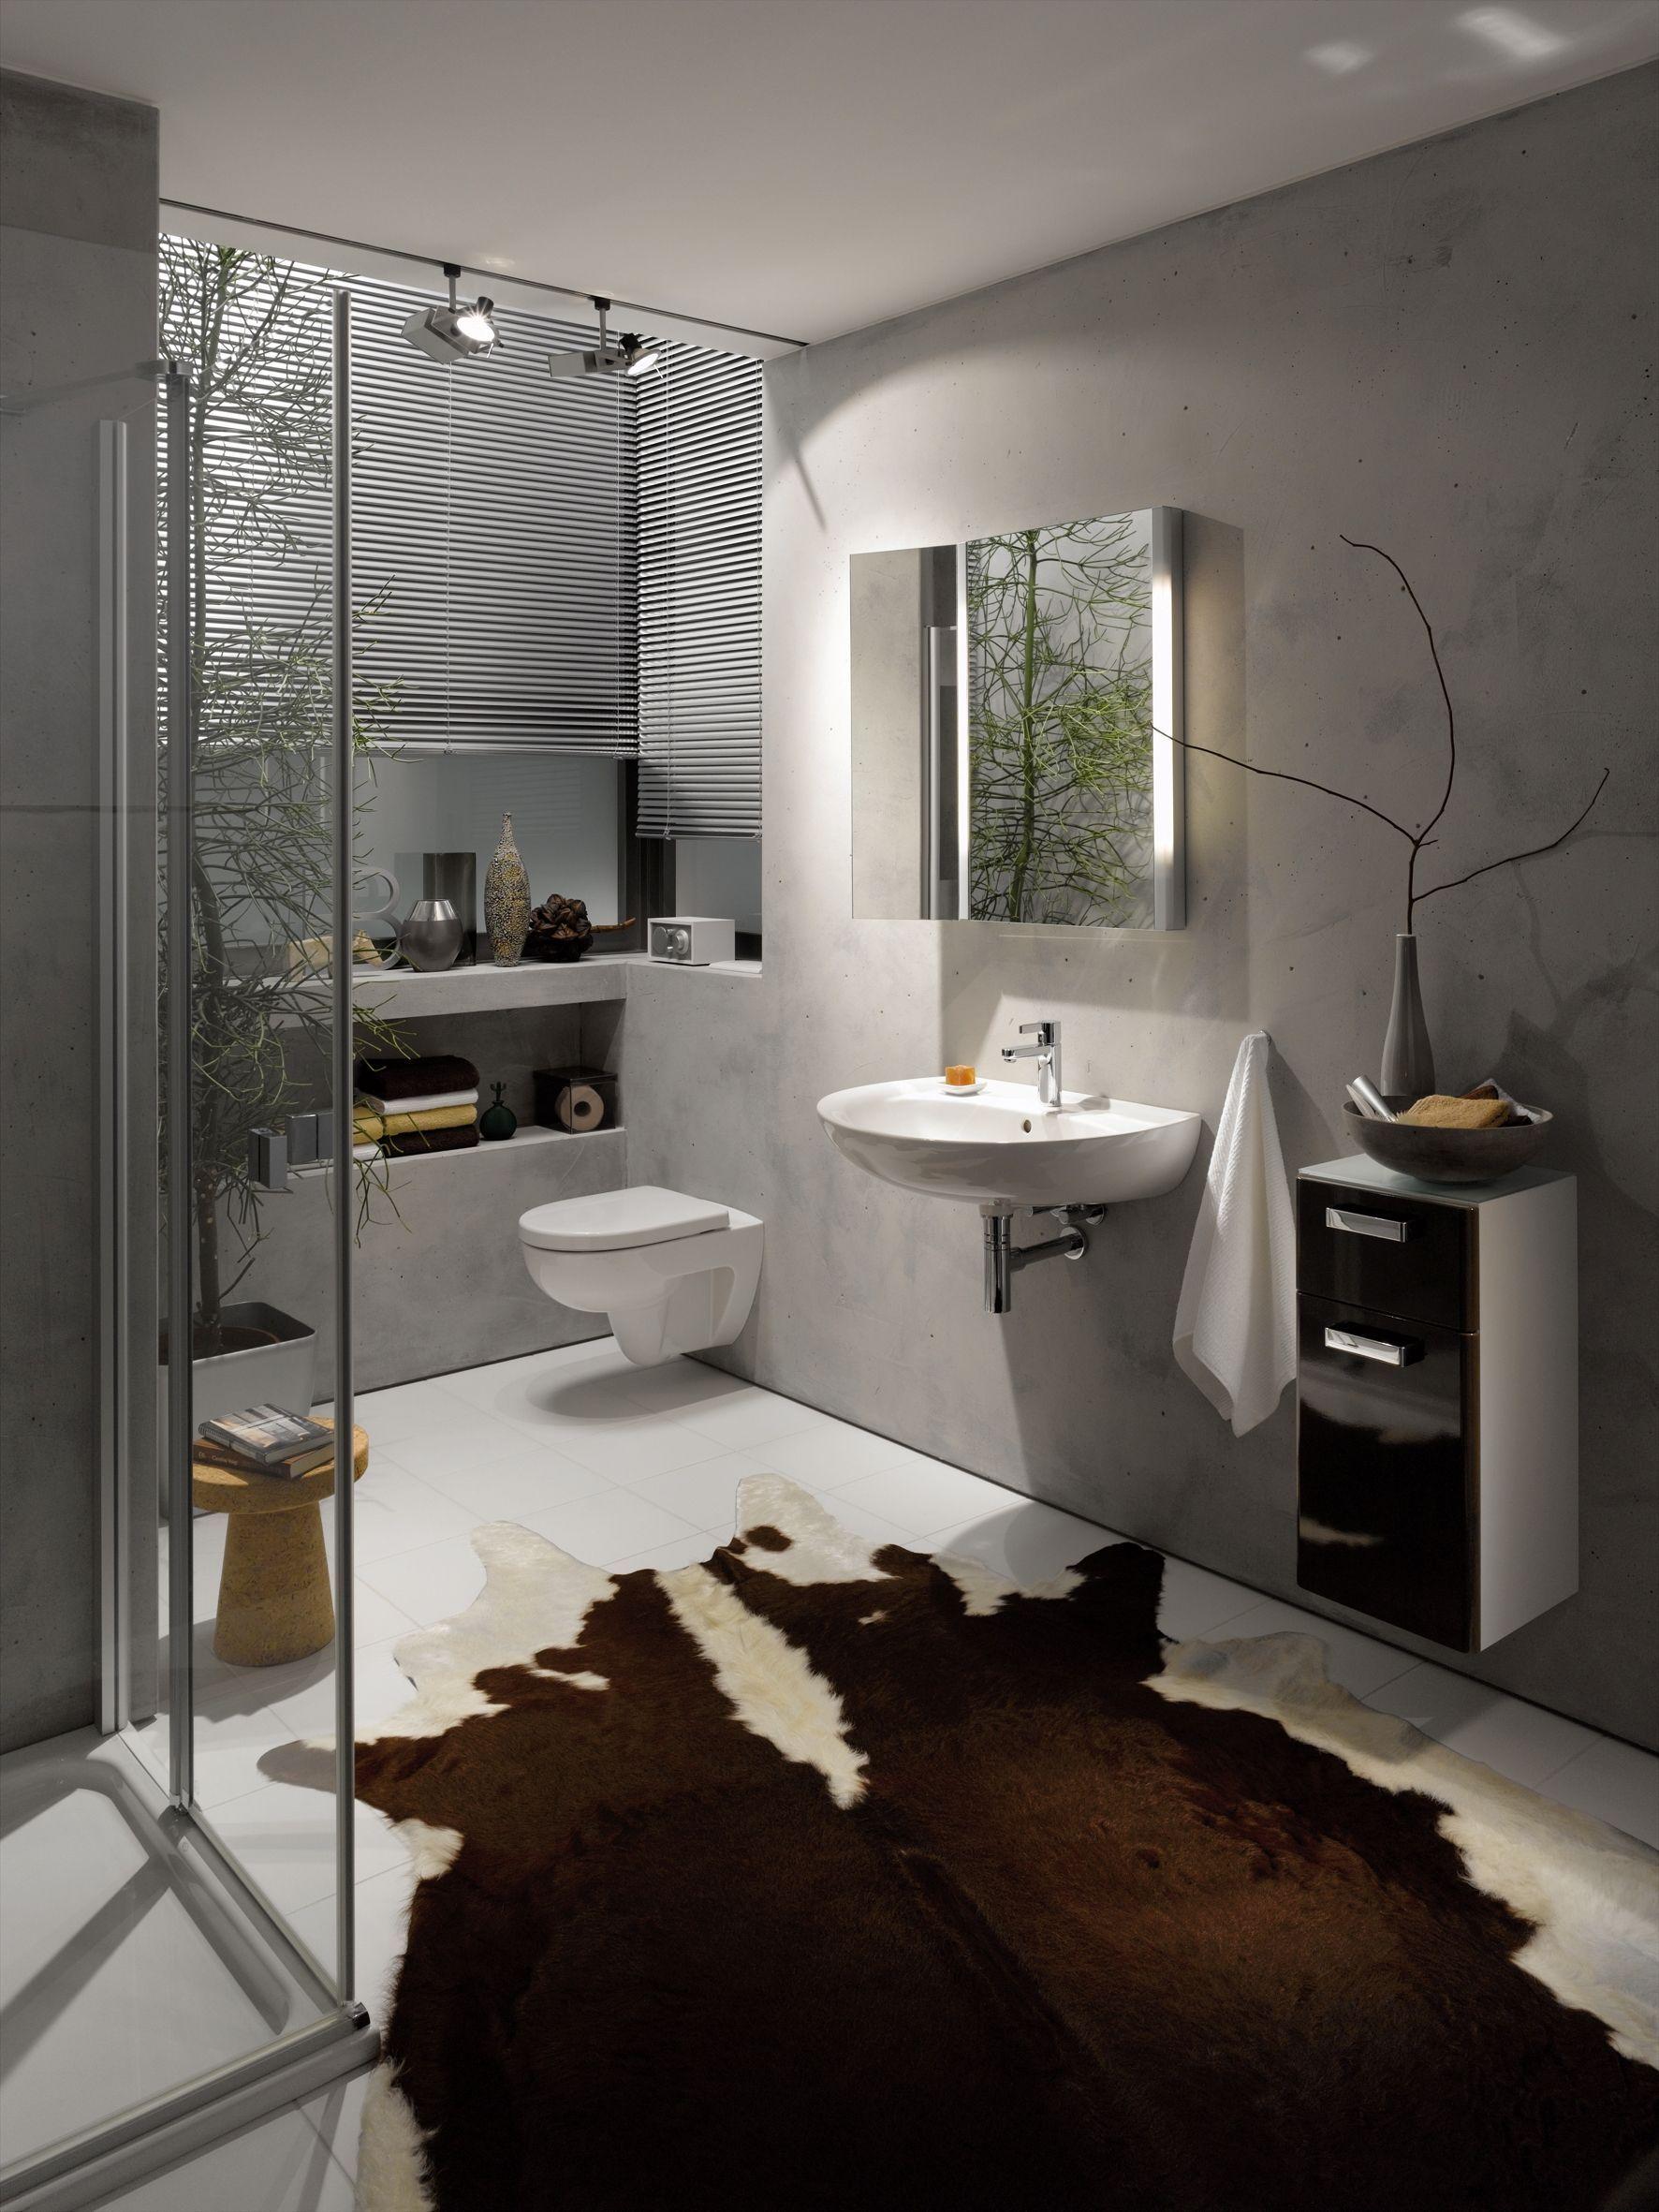 Ein Bad Ohne Fenster Passt Nicht In Dein Bild Dann Ander Mal Besser Den Rahmen Mit Dem Richtigen Stil Wird Dein Fensterloses Bad Bad Inspiration Badezimmer